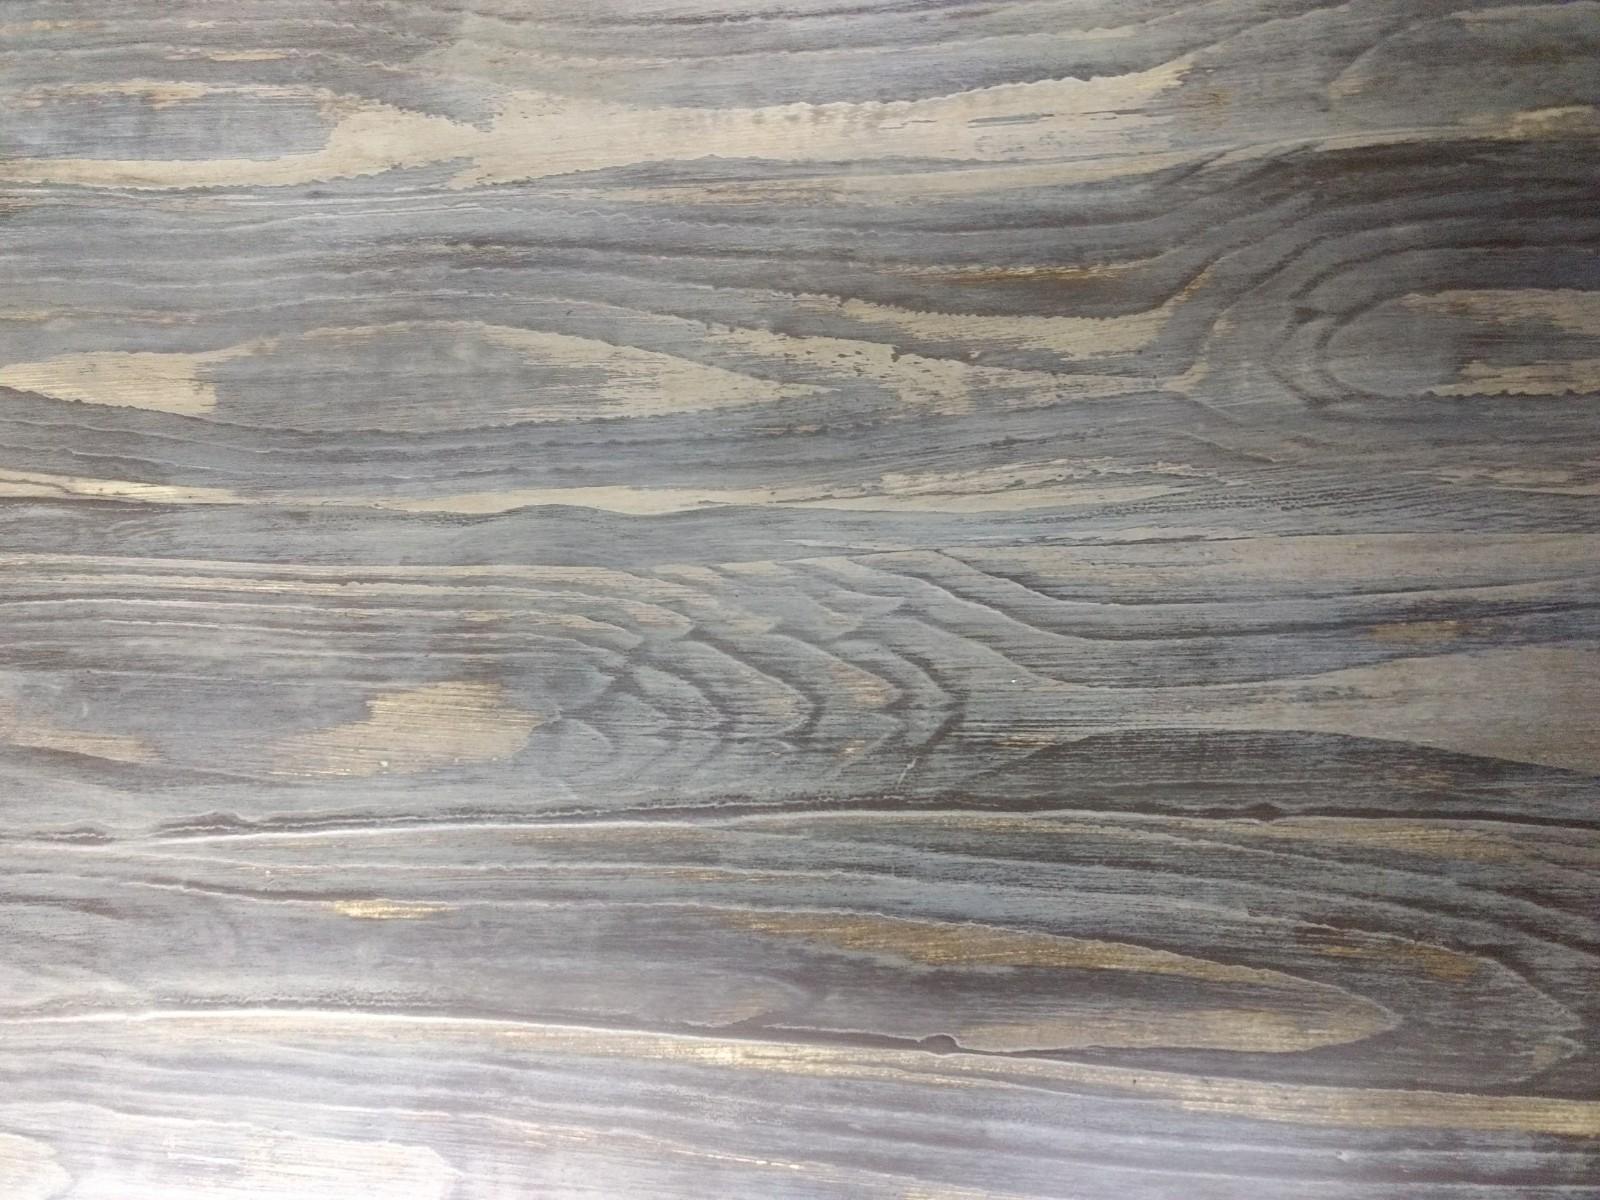 Veteado imitación madera con Chalk Paint Annie Sloan, country grey, honfleur. Soft wax clear y dark - TRATE Tienda Taller - Bilbao